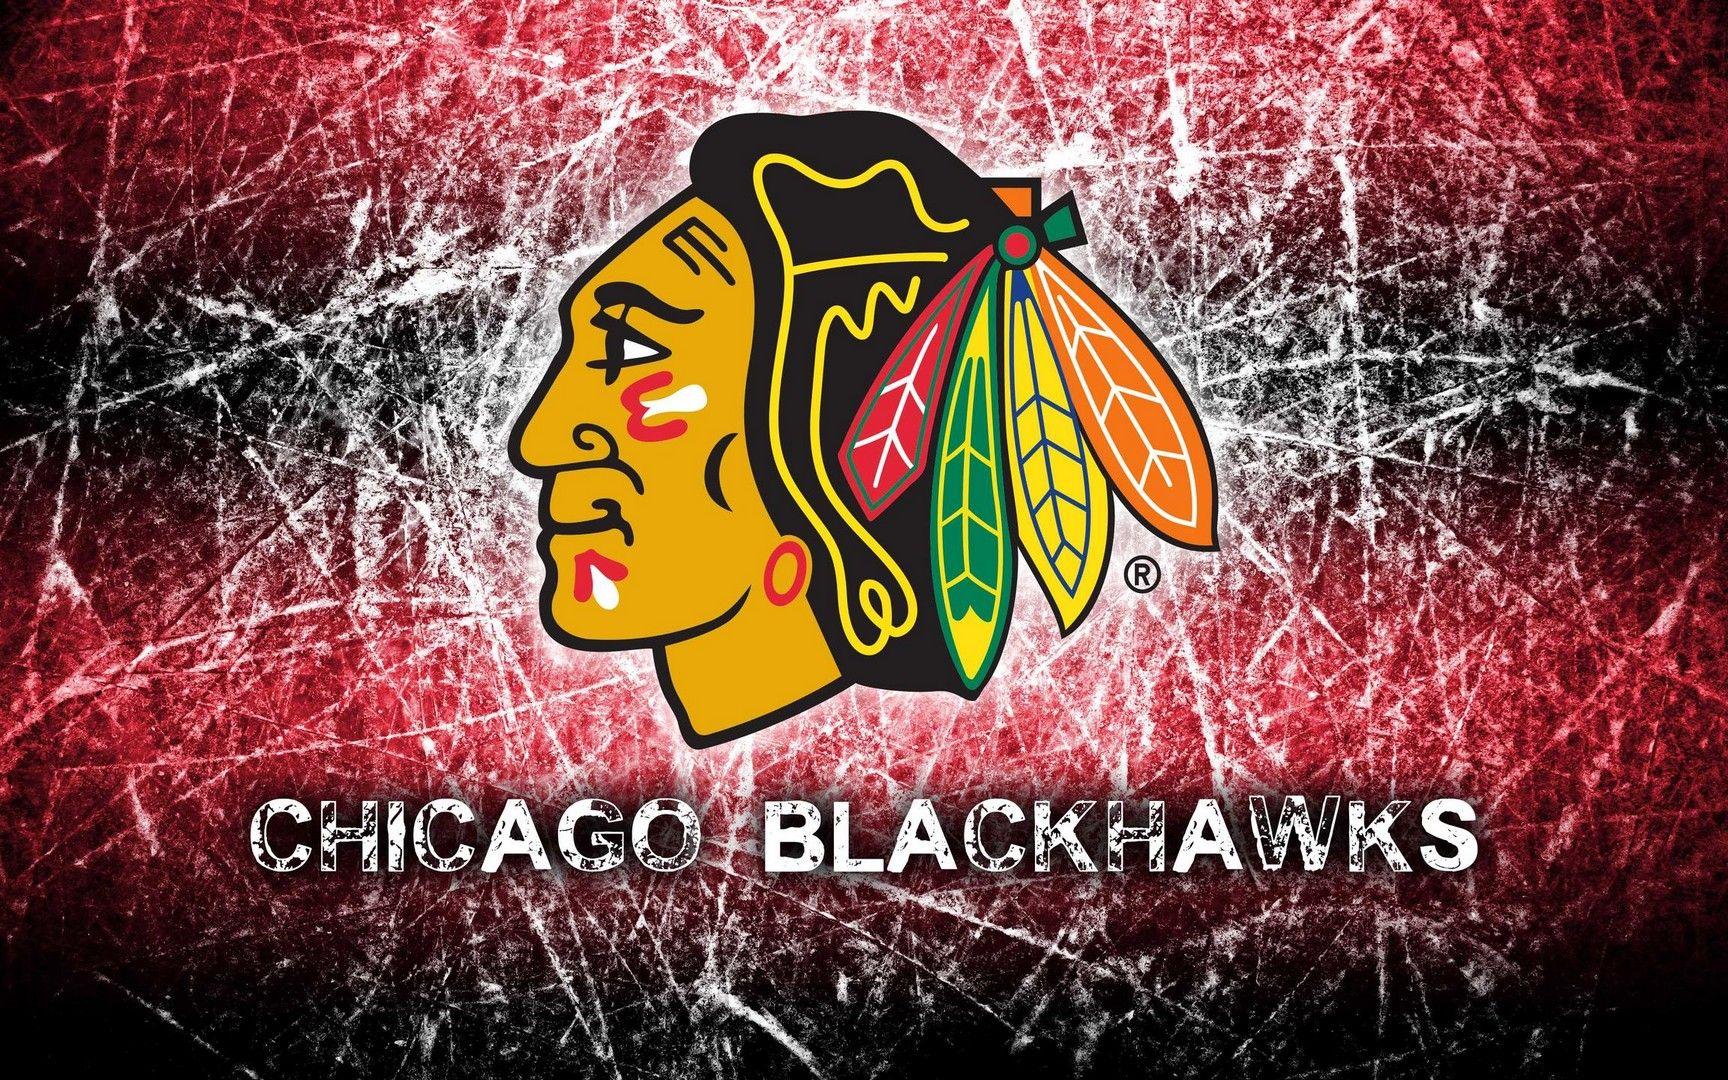 Chicago Blackhawks Wallpaper 2021 Live Wallpaper Hd Chicago Blackhawks Wallpaper Chicago Blackhawks Logo Chicago Blackhawks